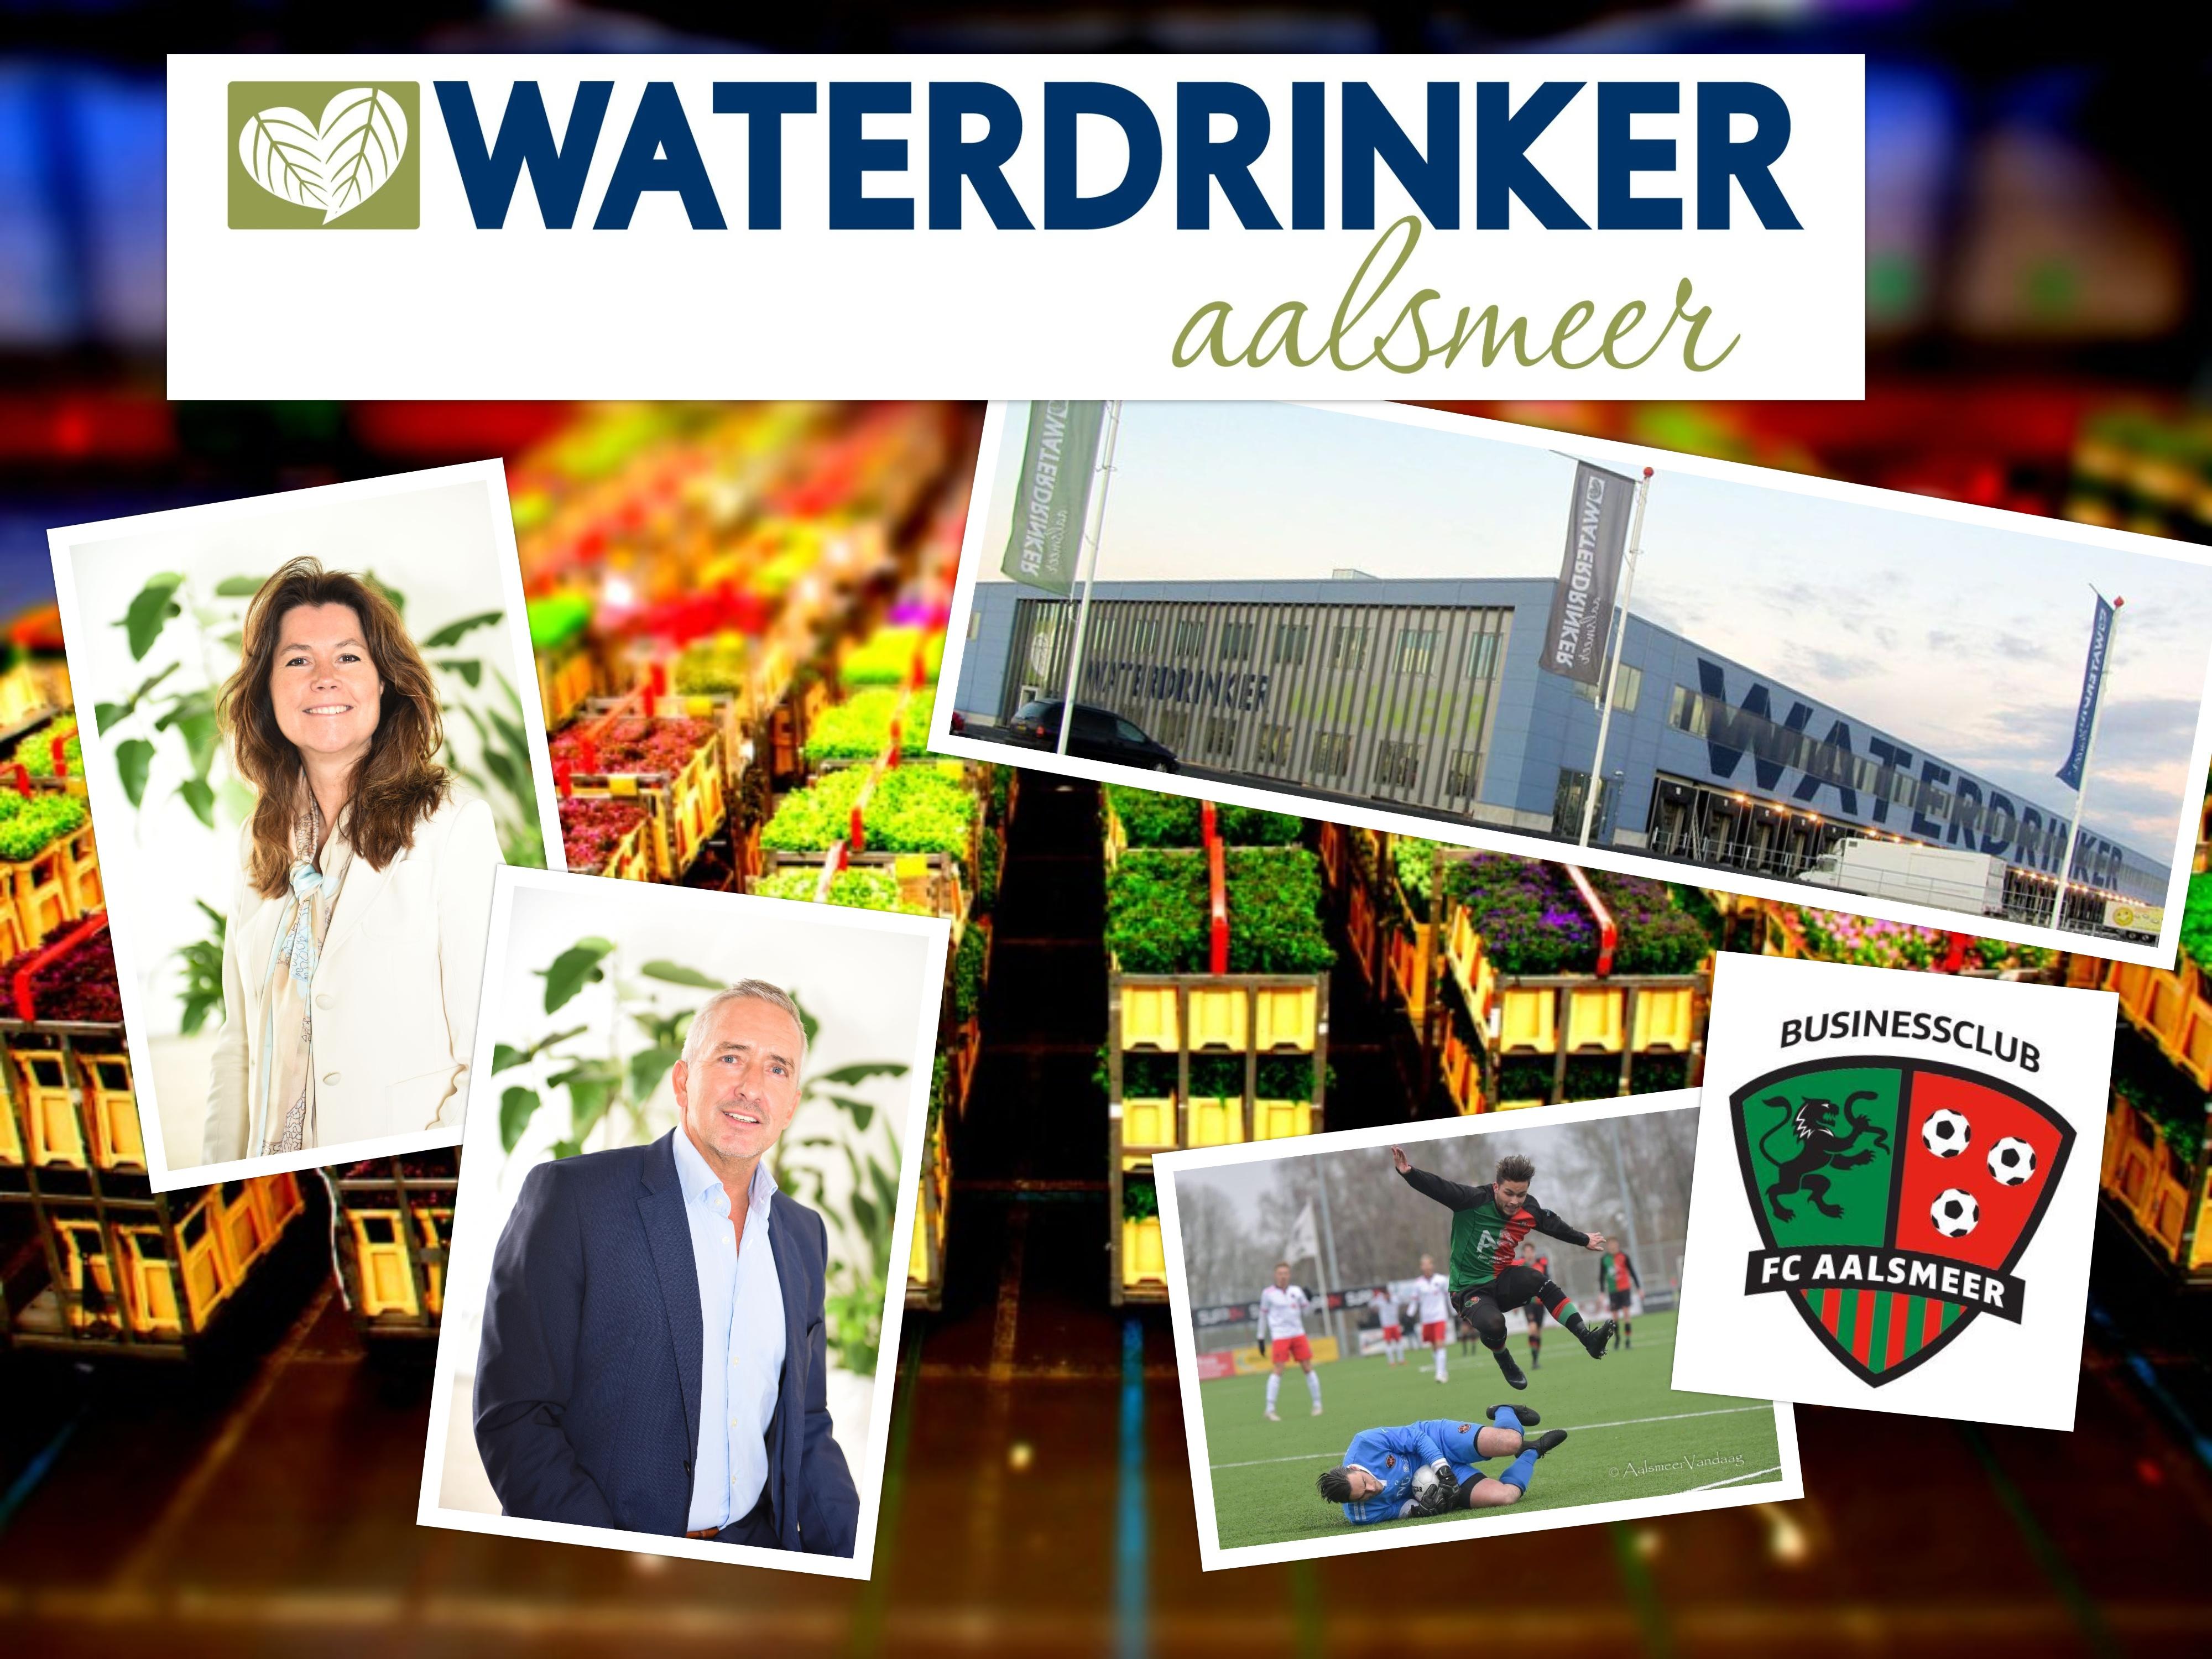 Businessclub-Fc-Aalsmeer-waterdrinker